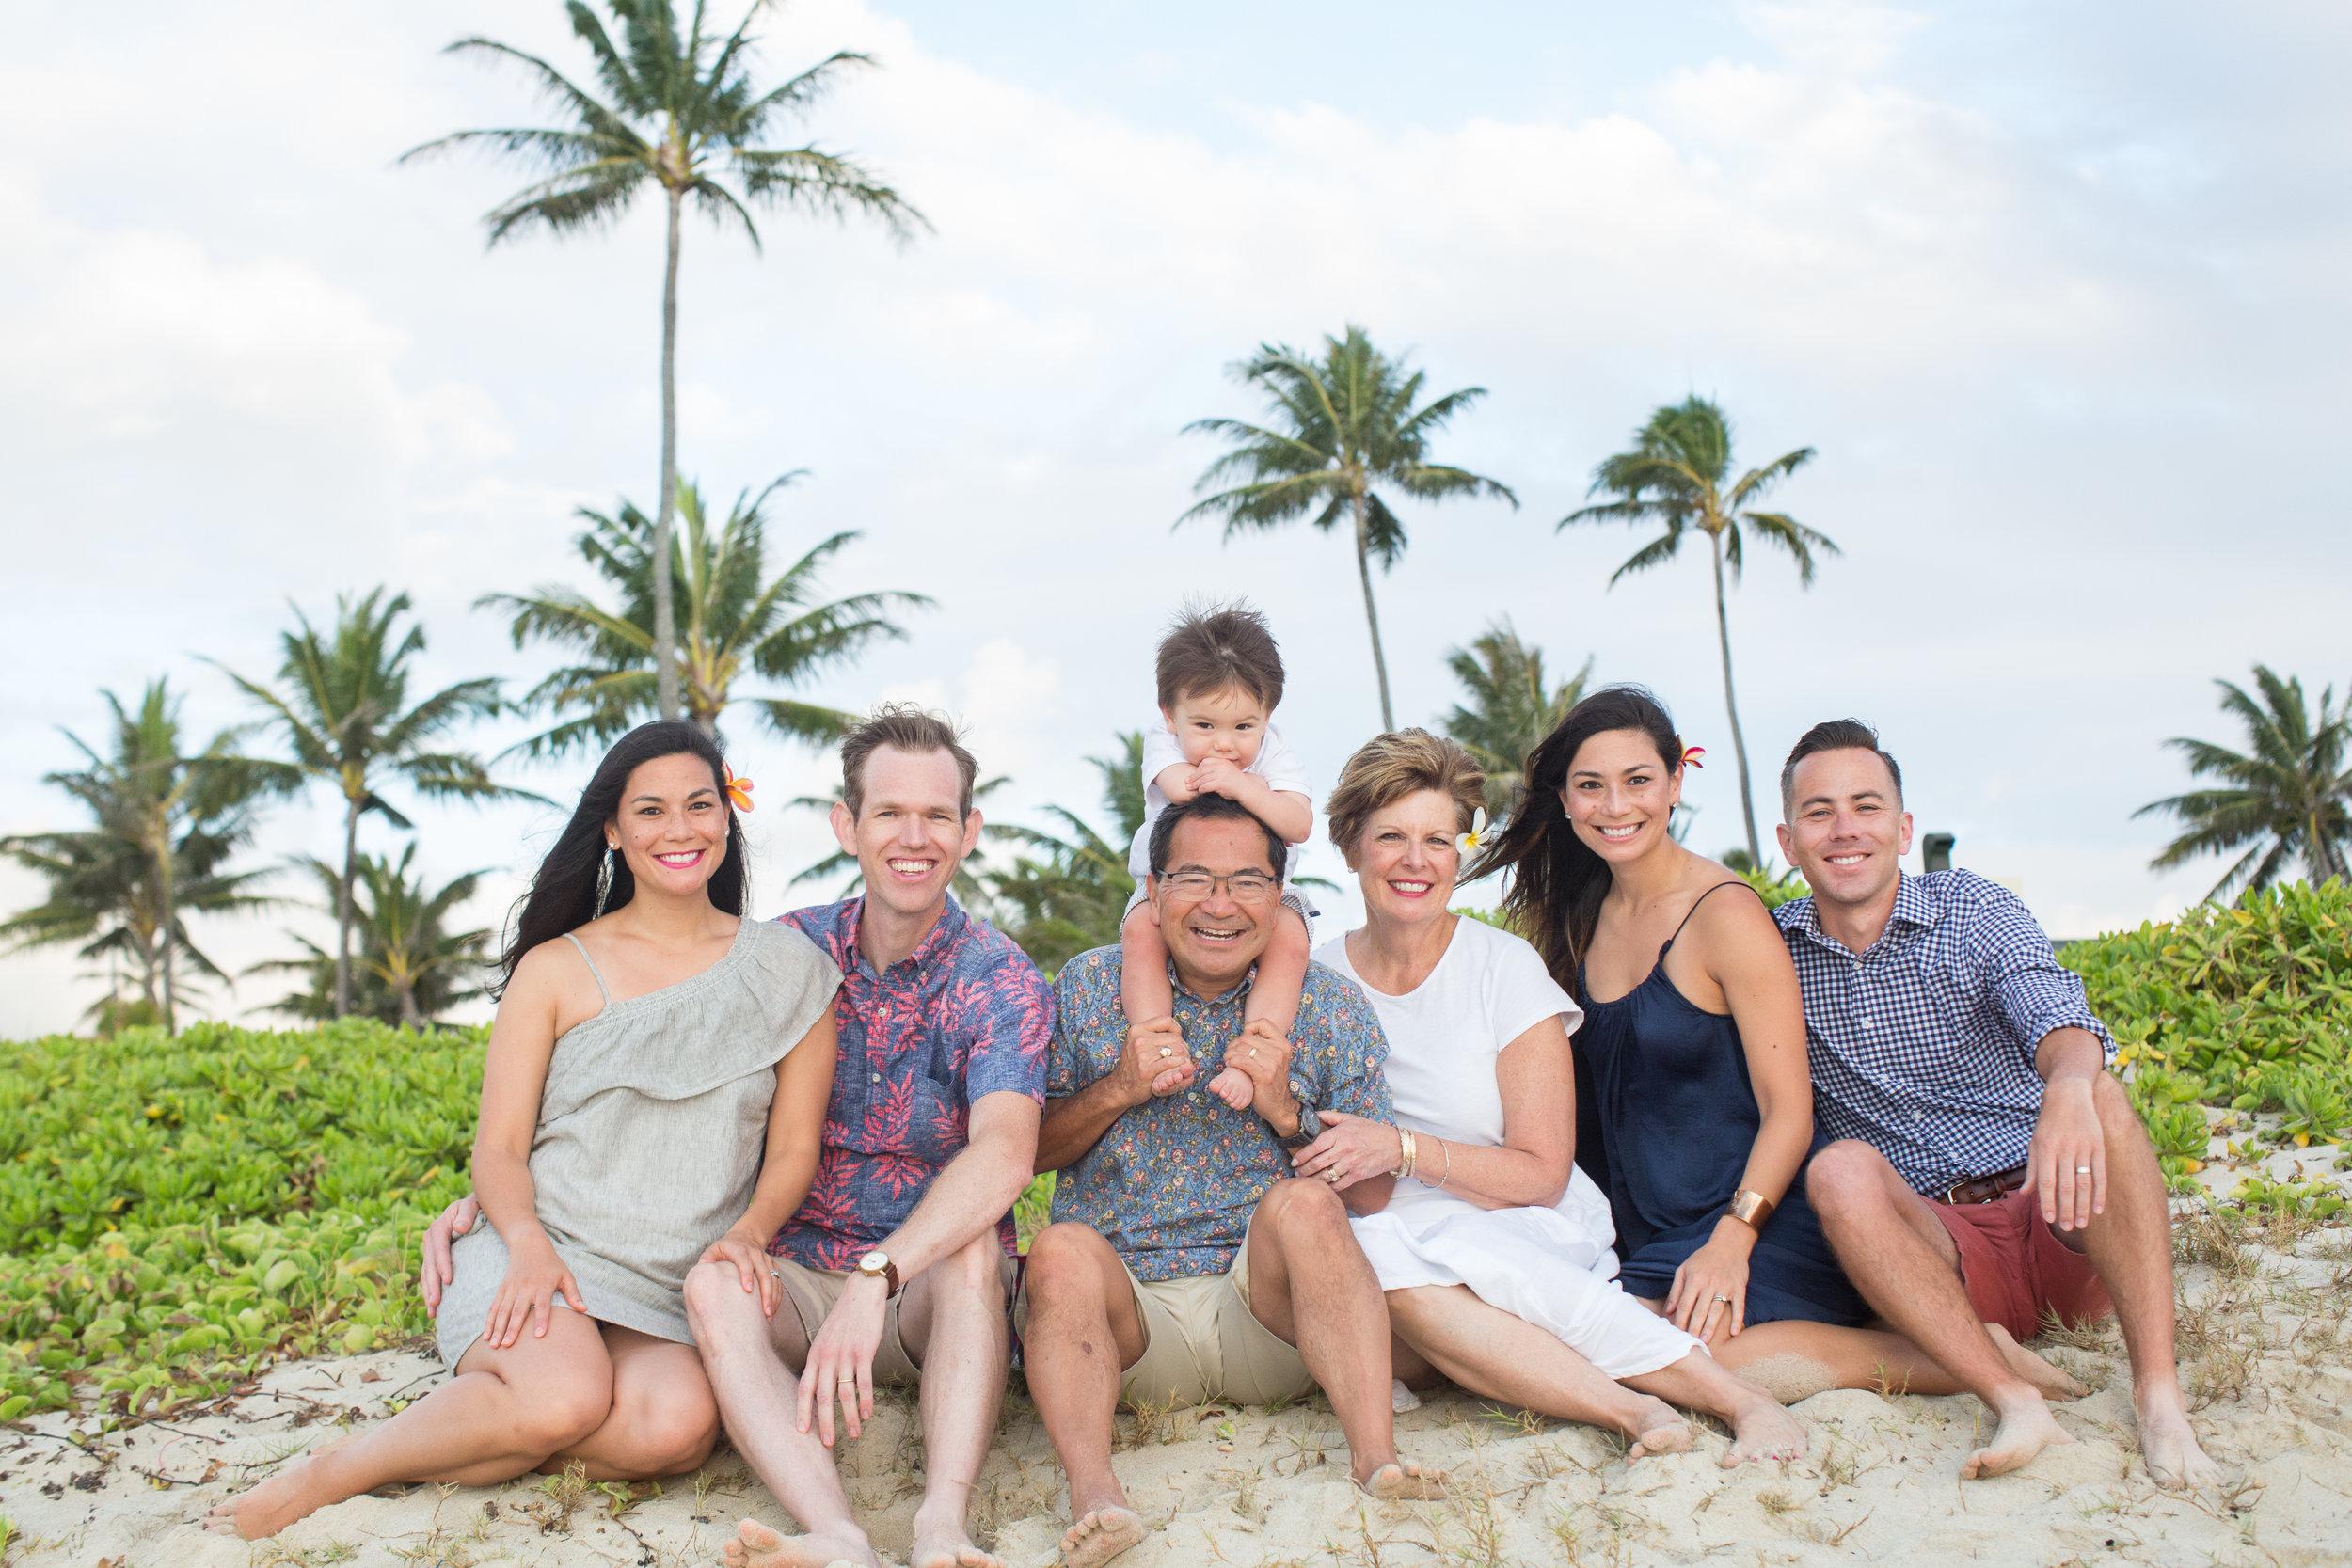 kailua_family2.jpg